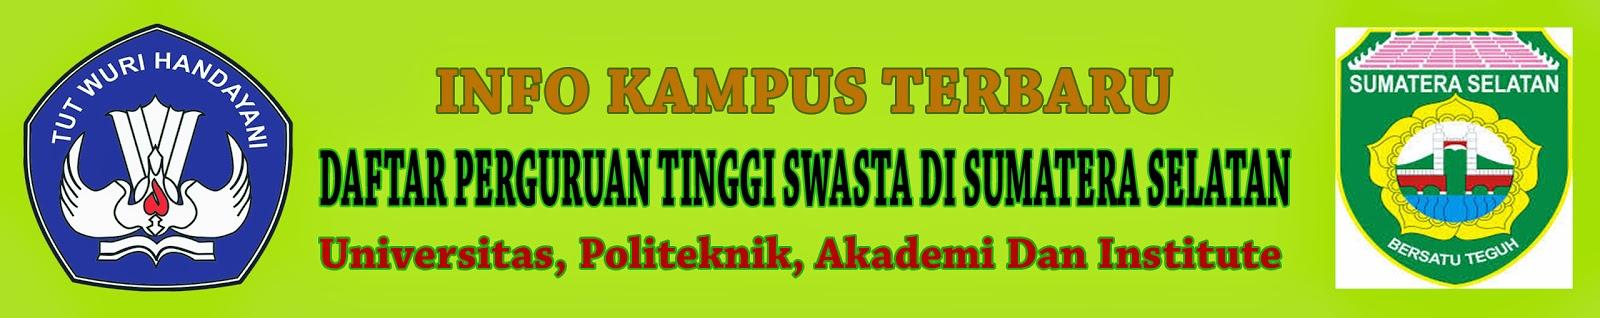 Daftar Perguruan Tinggi Swasta Sumatera Selatan